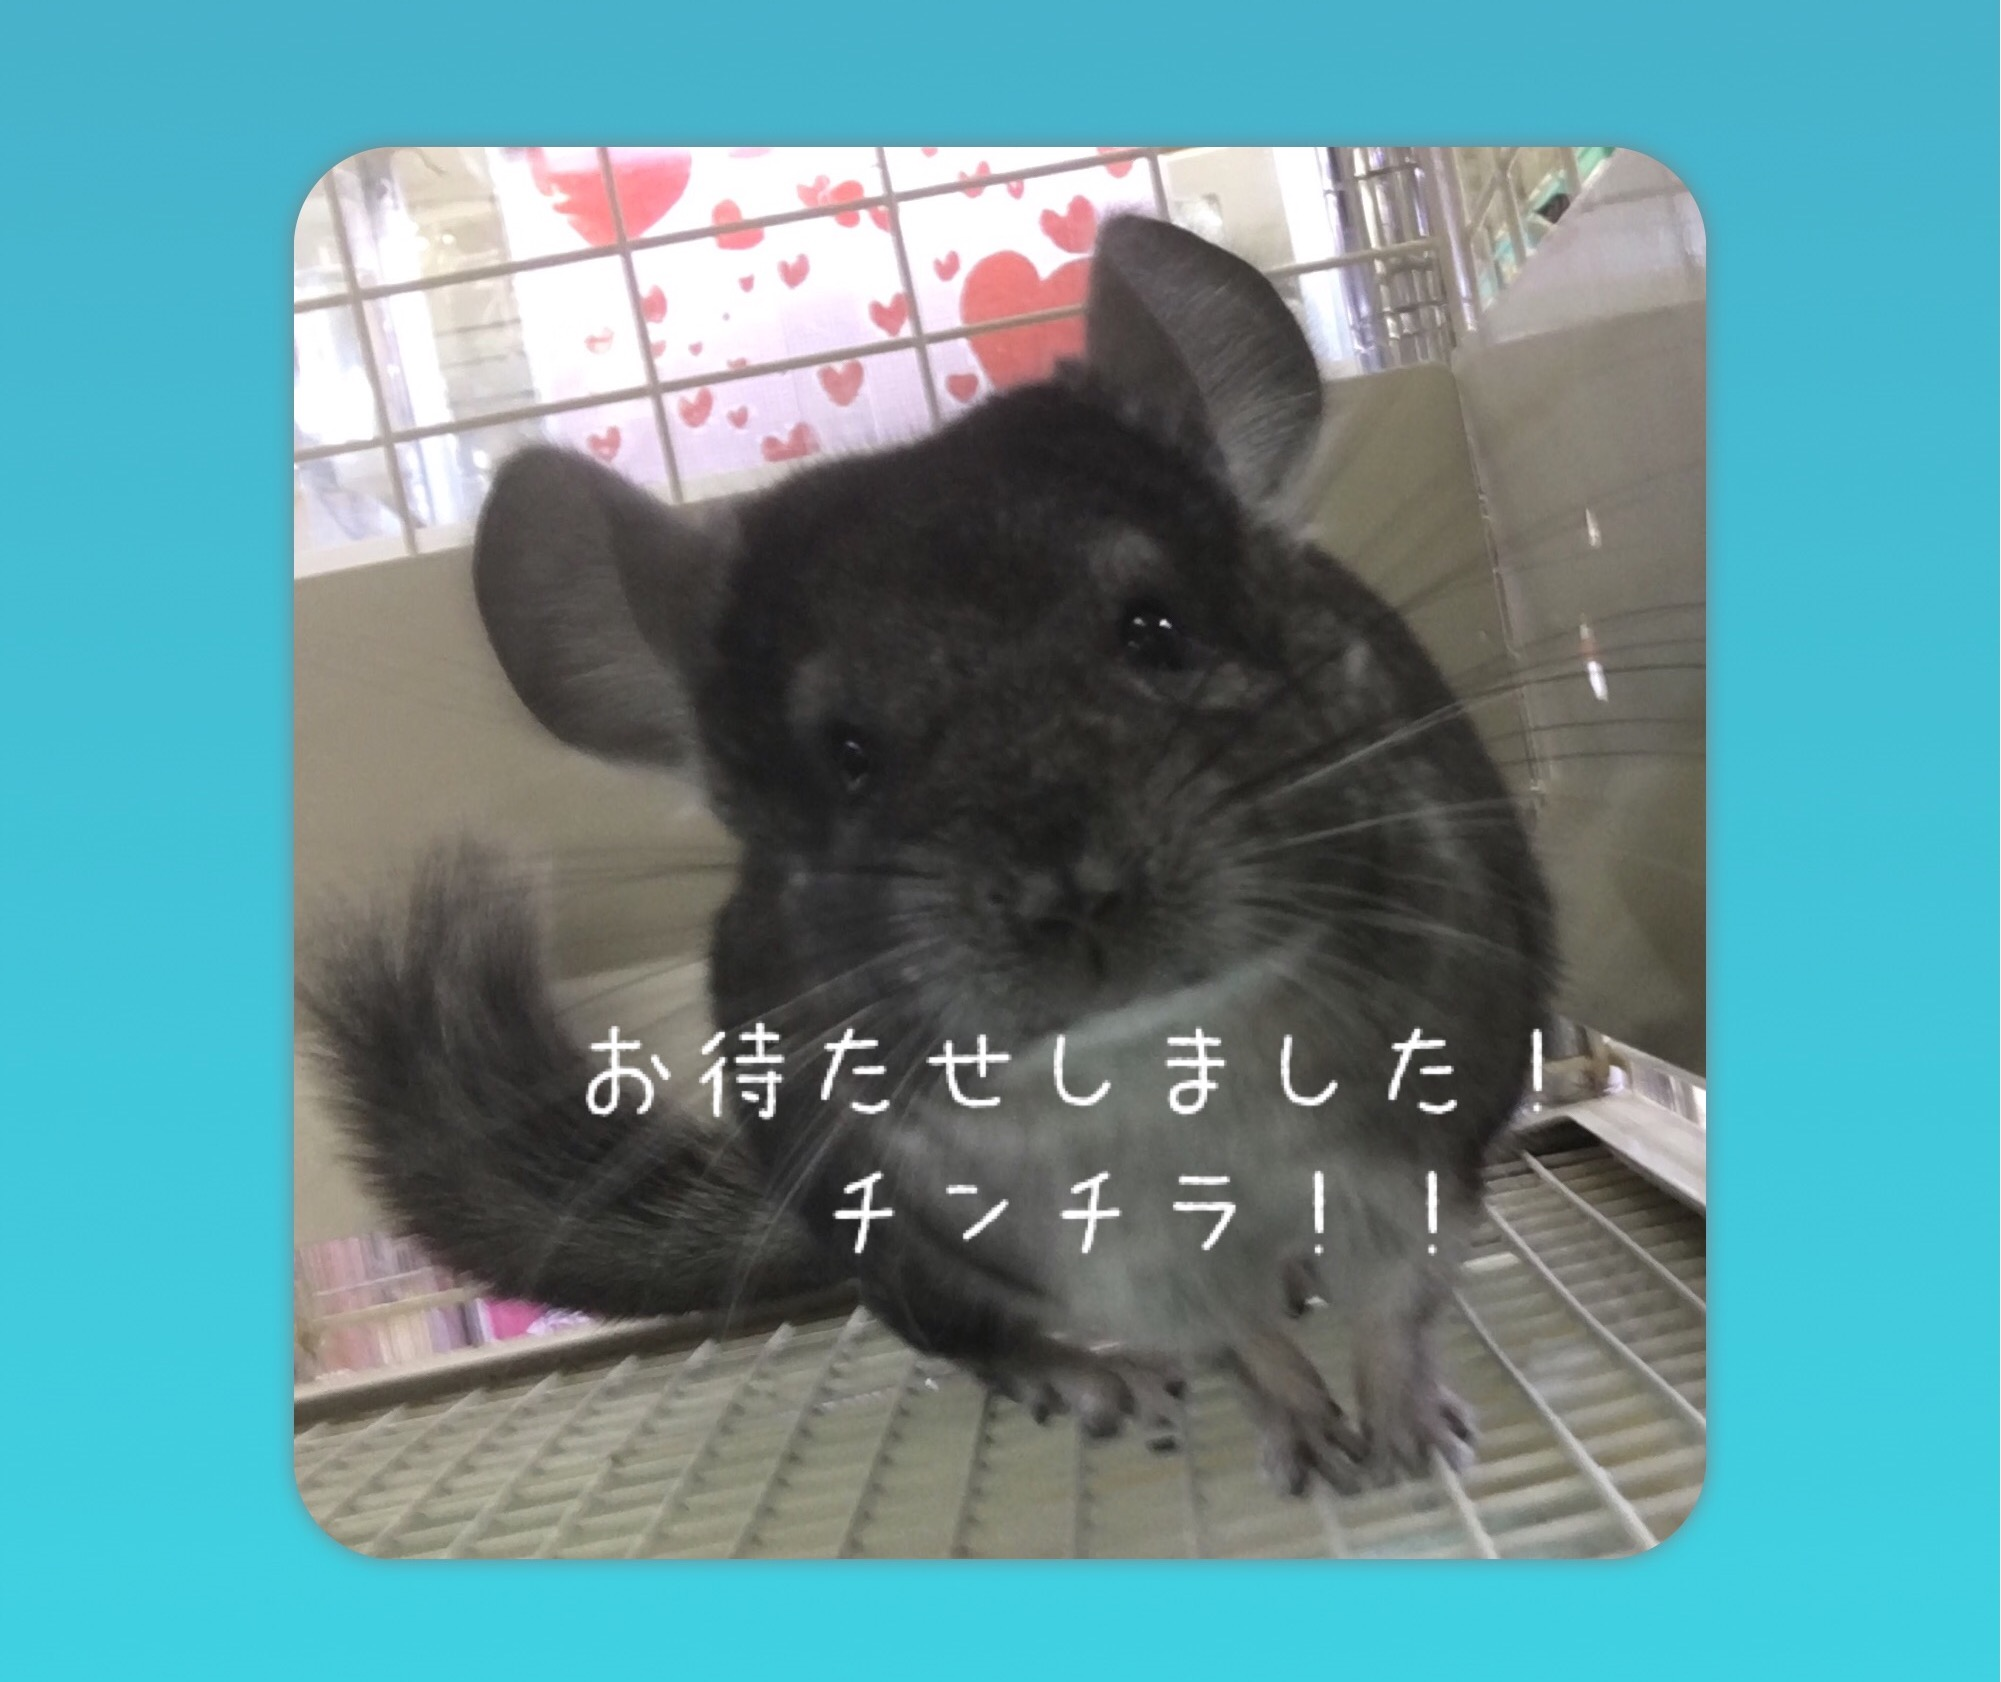 【インター小動物】チンチラの嵐っ!!!!!スタンダード編